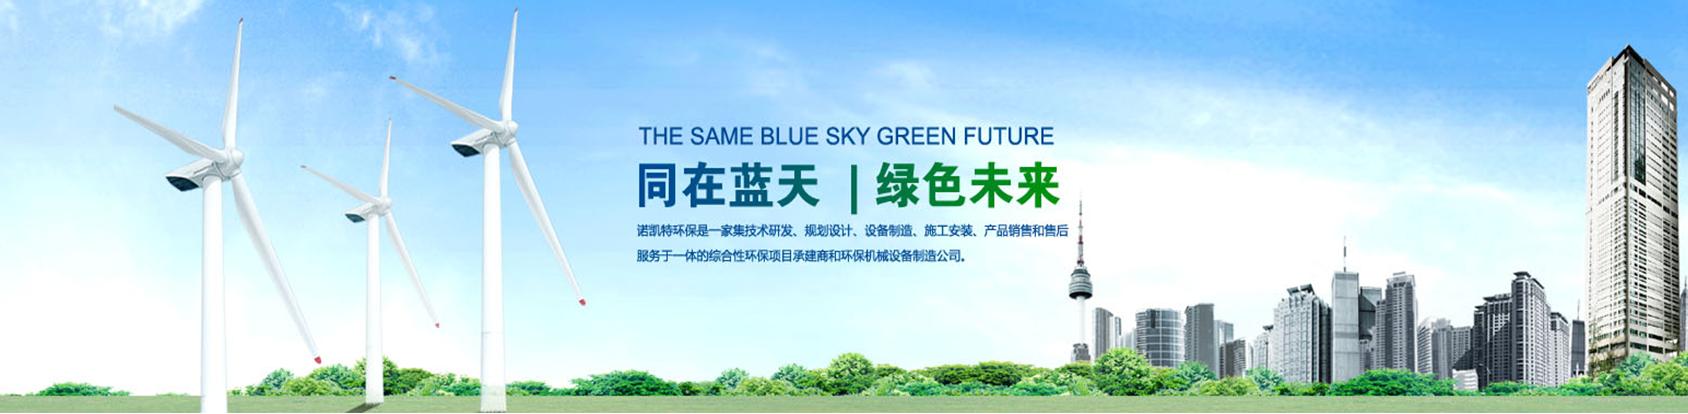 昆山诺凯特环保科技有限公司